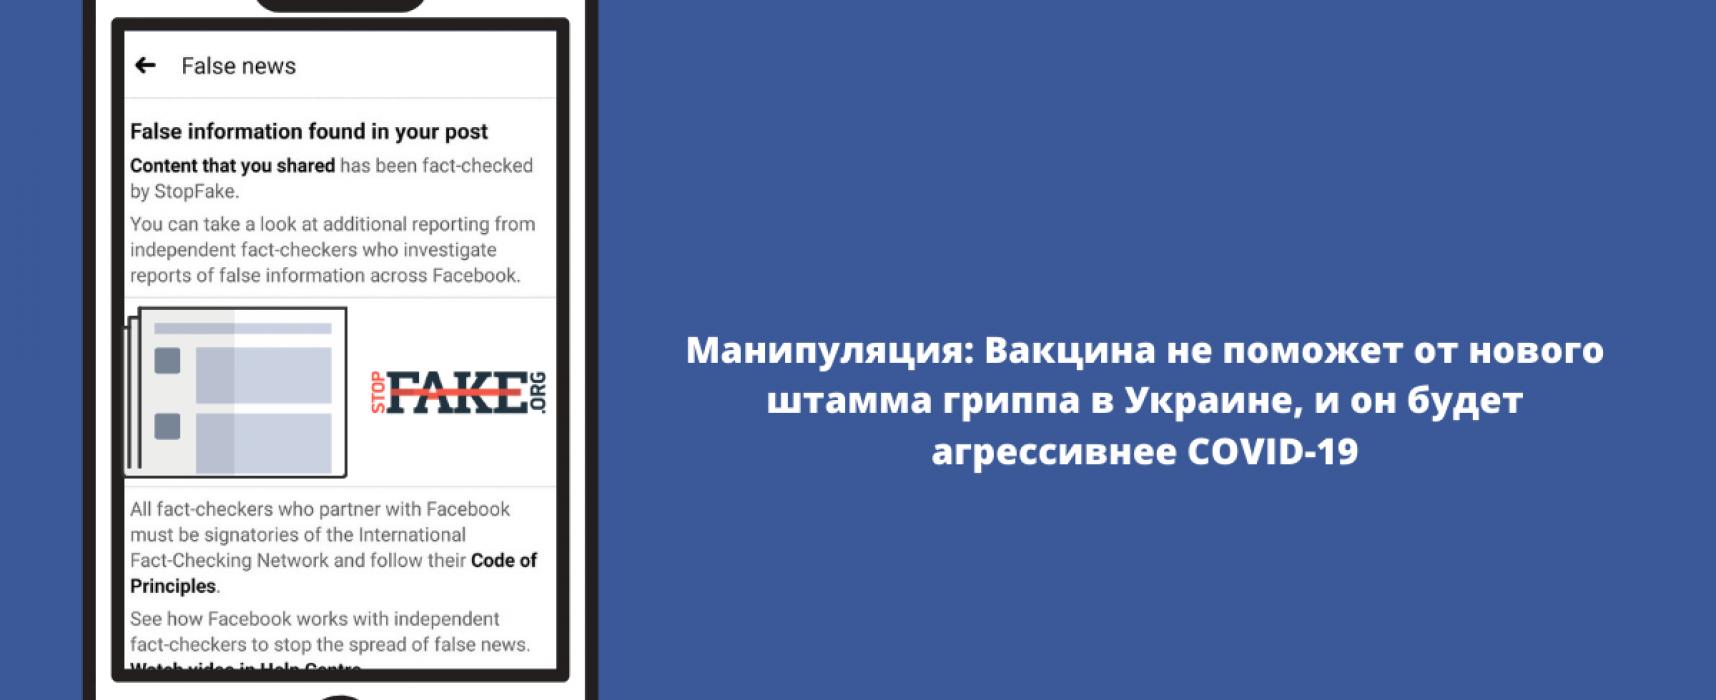 Манипуляция: Вакцина не поможет от нового штамма гриппа в Украине, который будет агрессивнее COVID-19